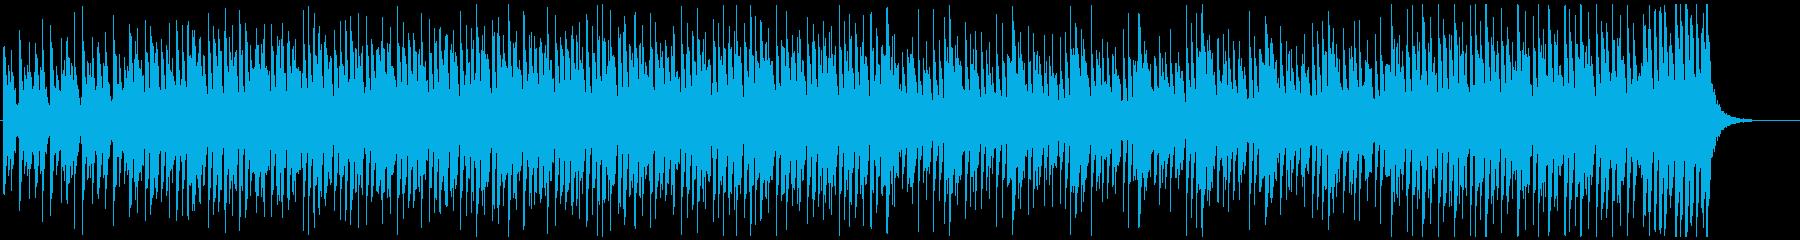 力強くアカデミックな雰囲気のBGMの再生済みの波形